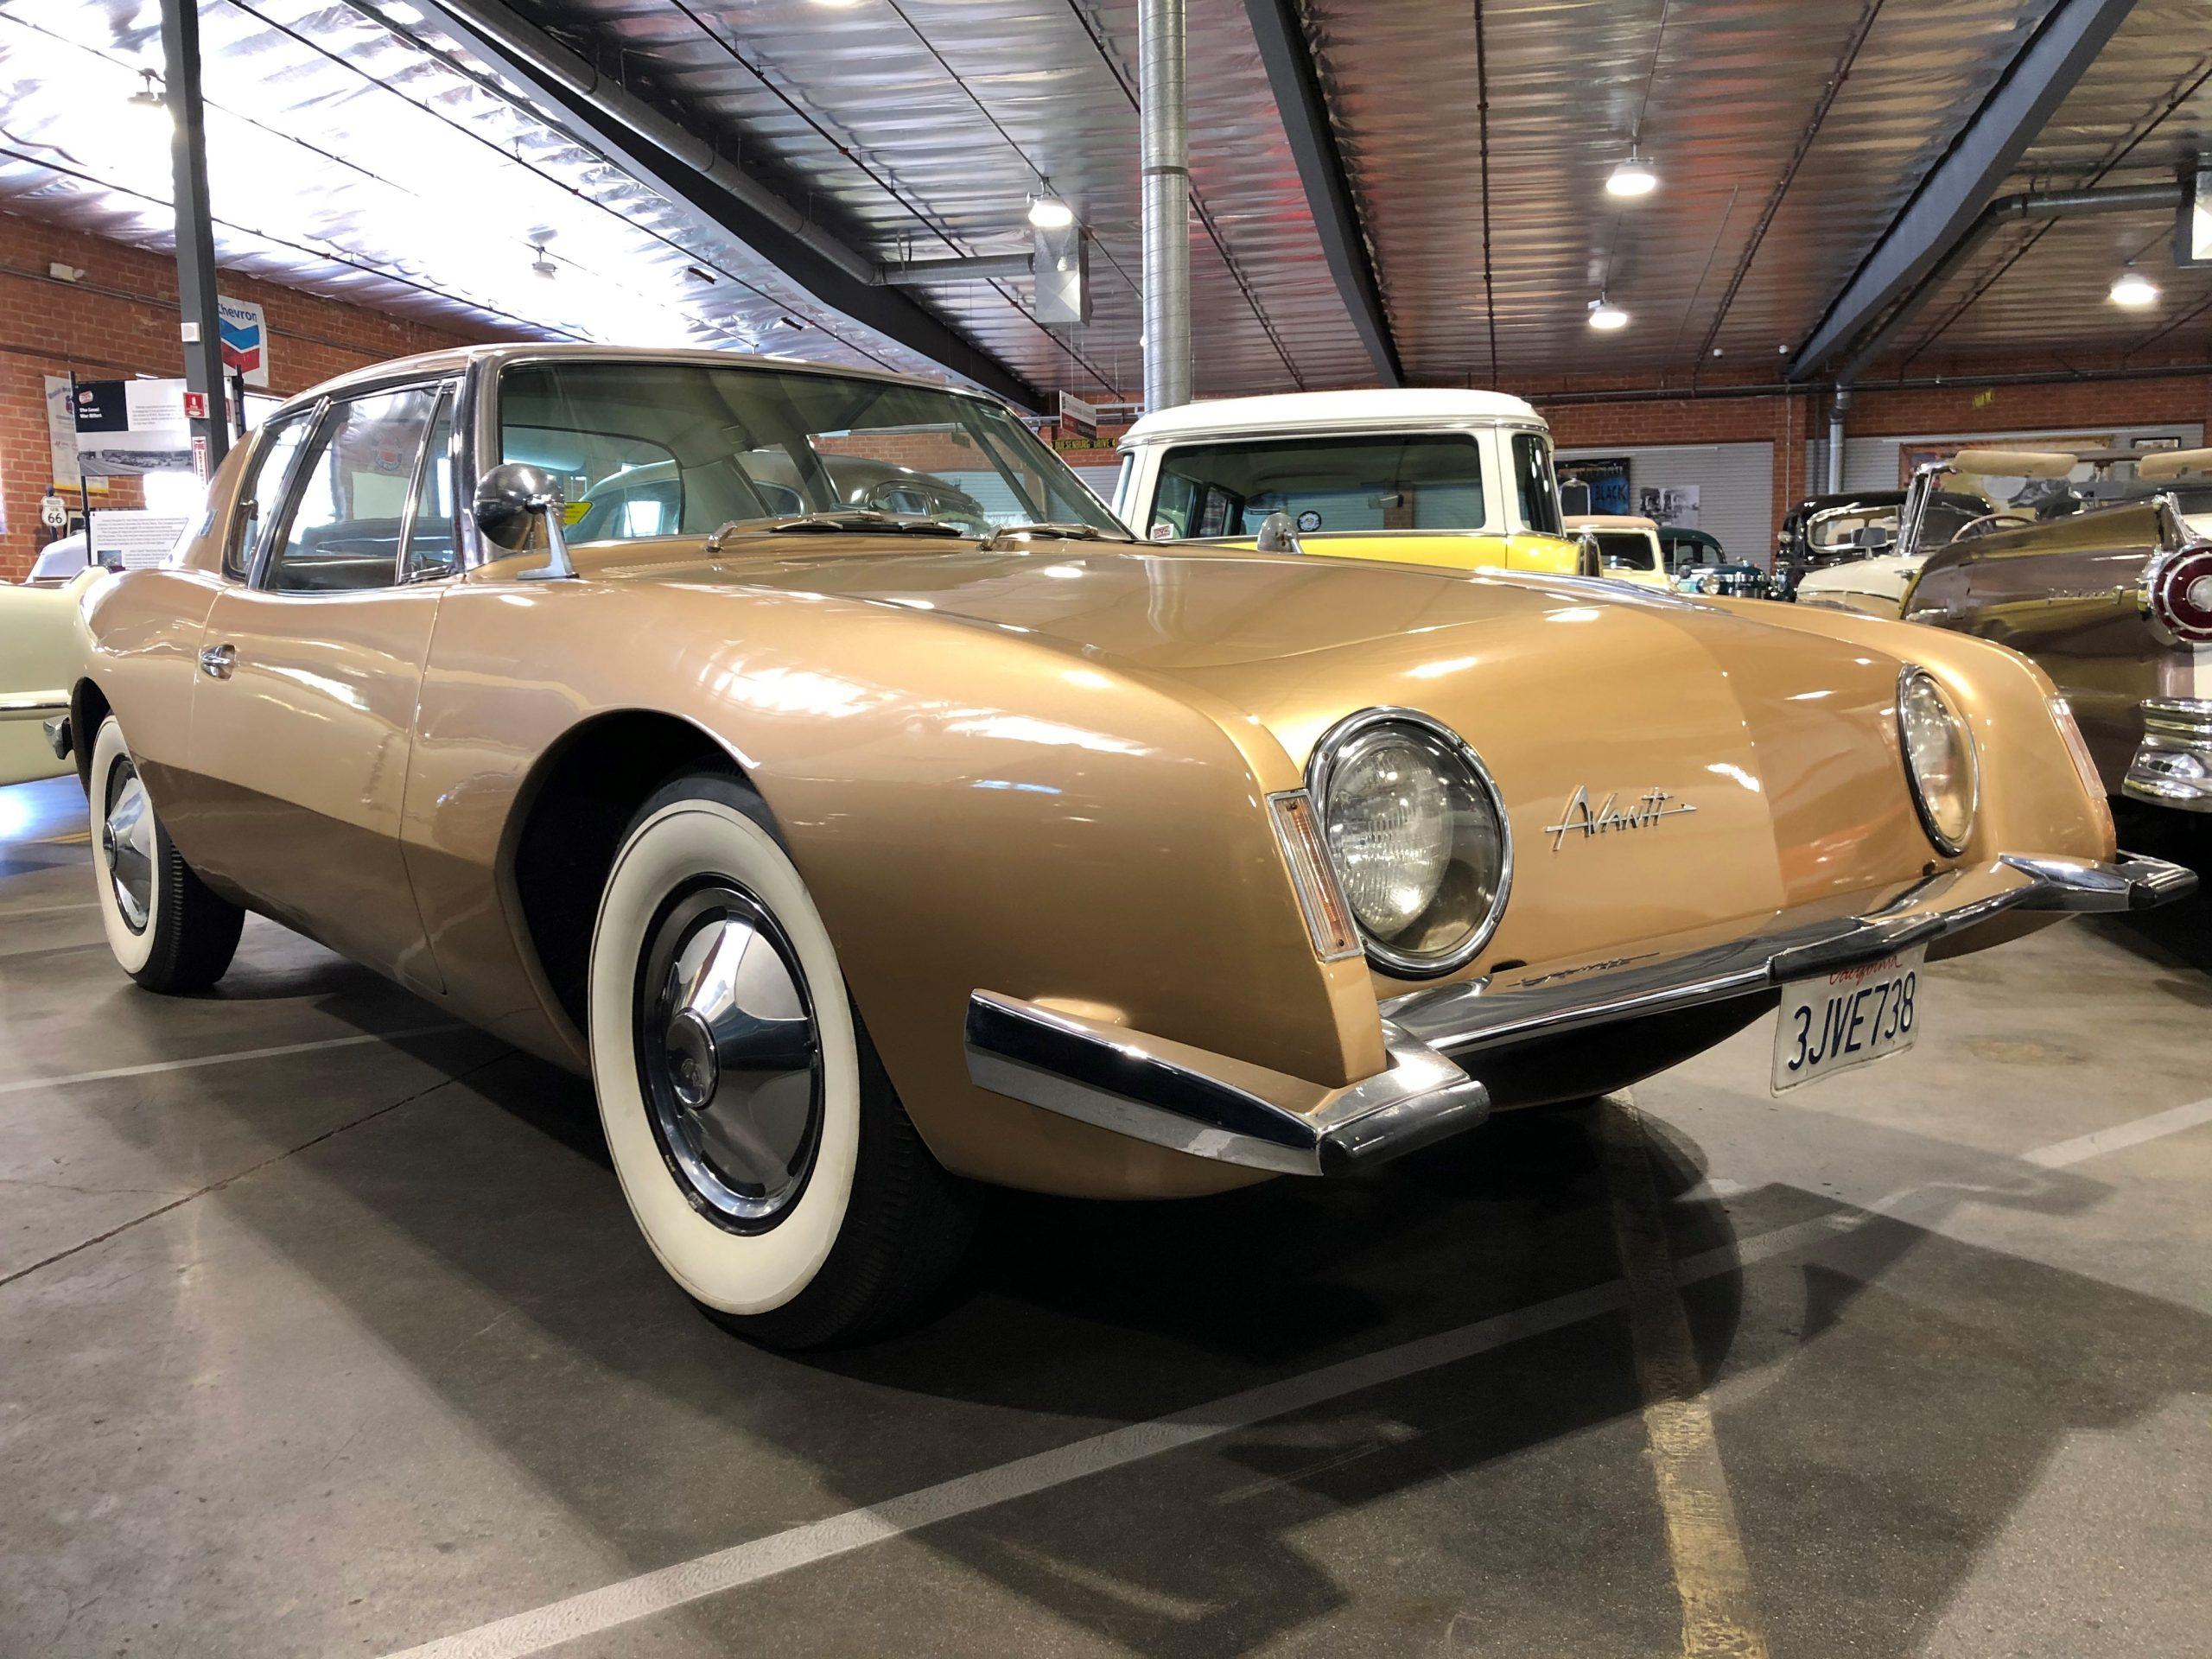 1963 Studebaker Avanti for Rent